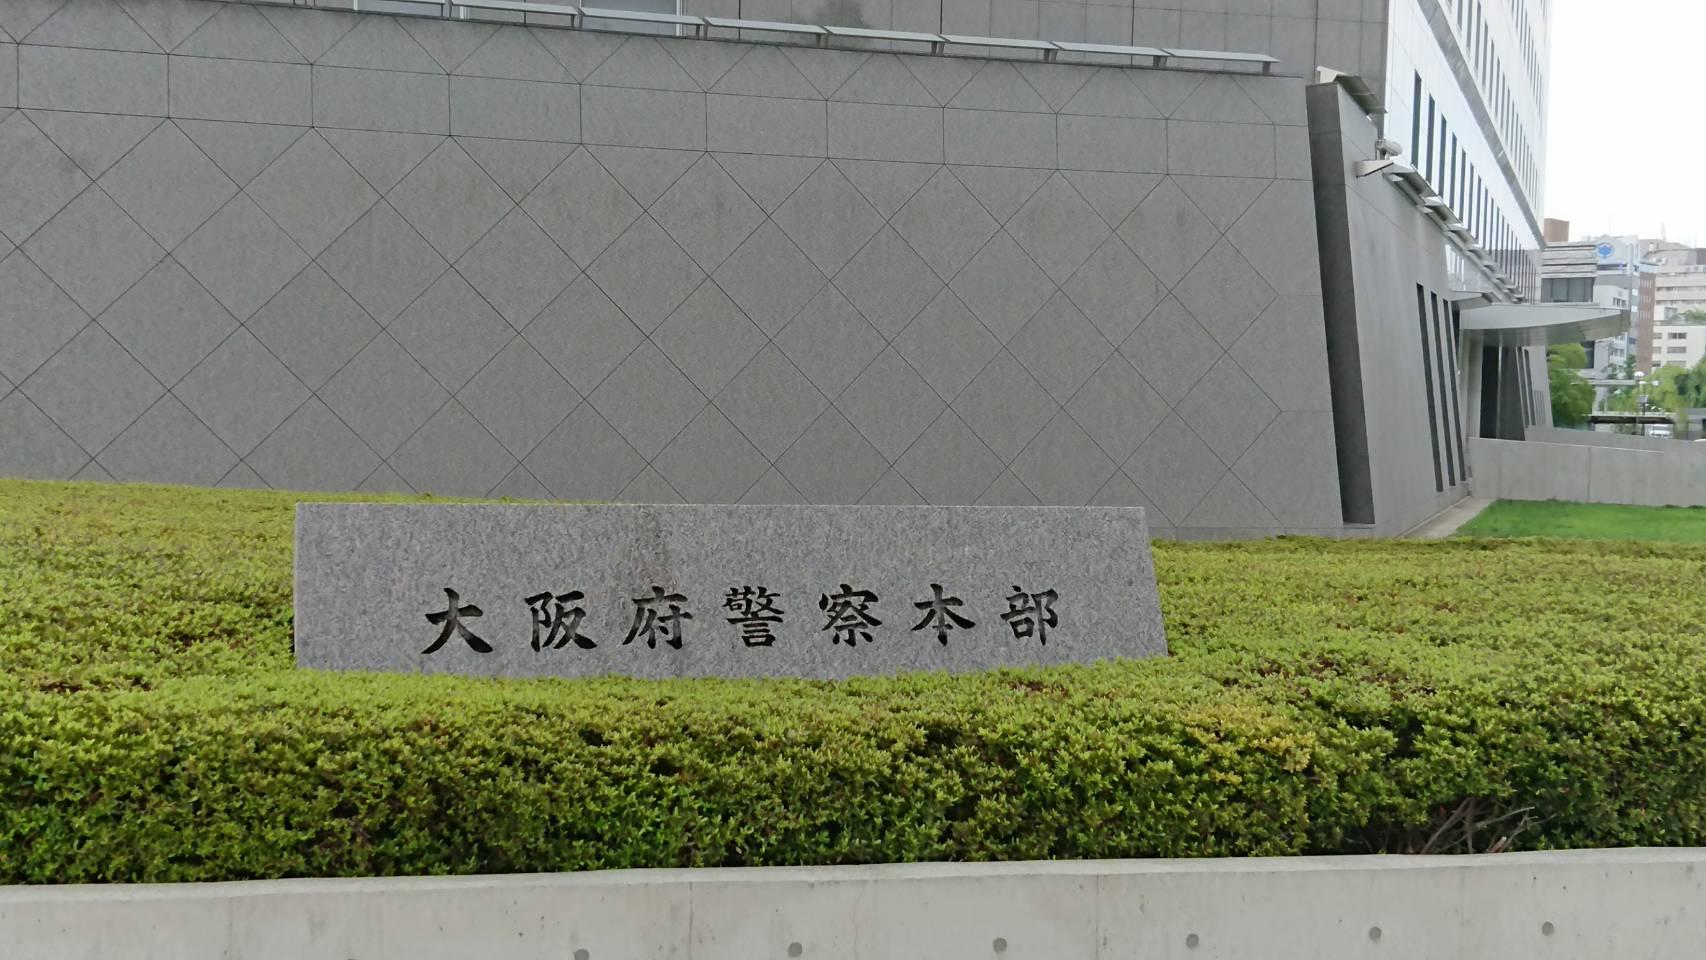 大阪府警察本部(大阪市)